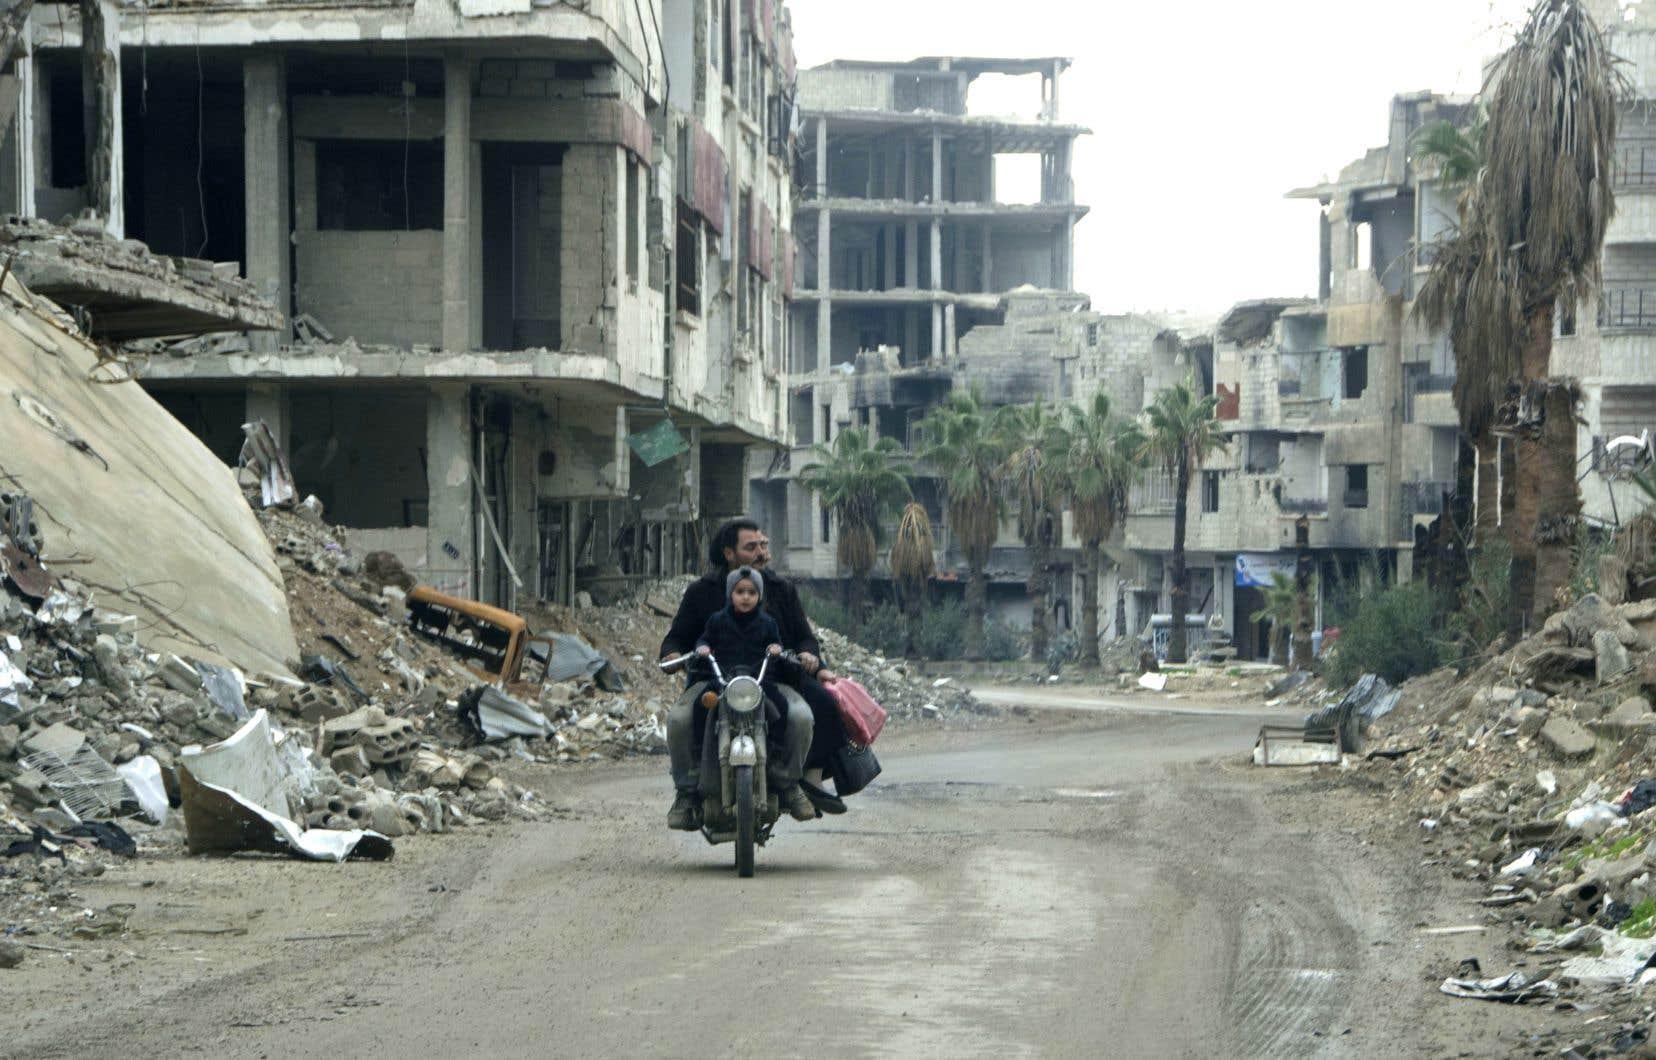 Avec plus de 360 000 morts, des millions de Syriens poussés à la fuite et des destructions colossales, la guerre a laissé le pays, toujours morcelé, quasiment en ruine.